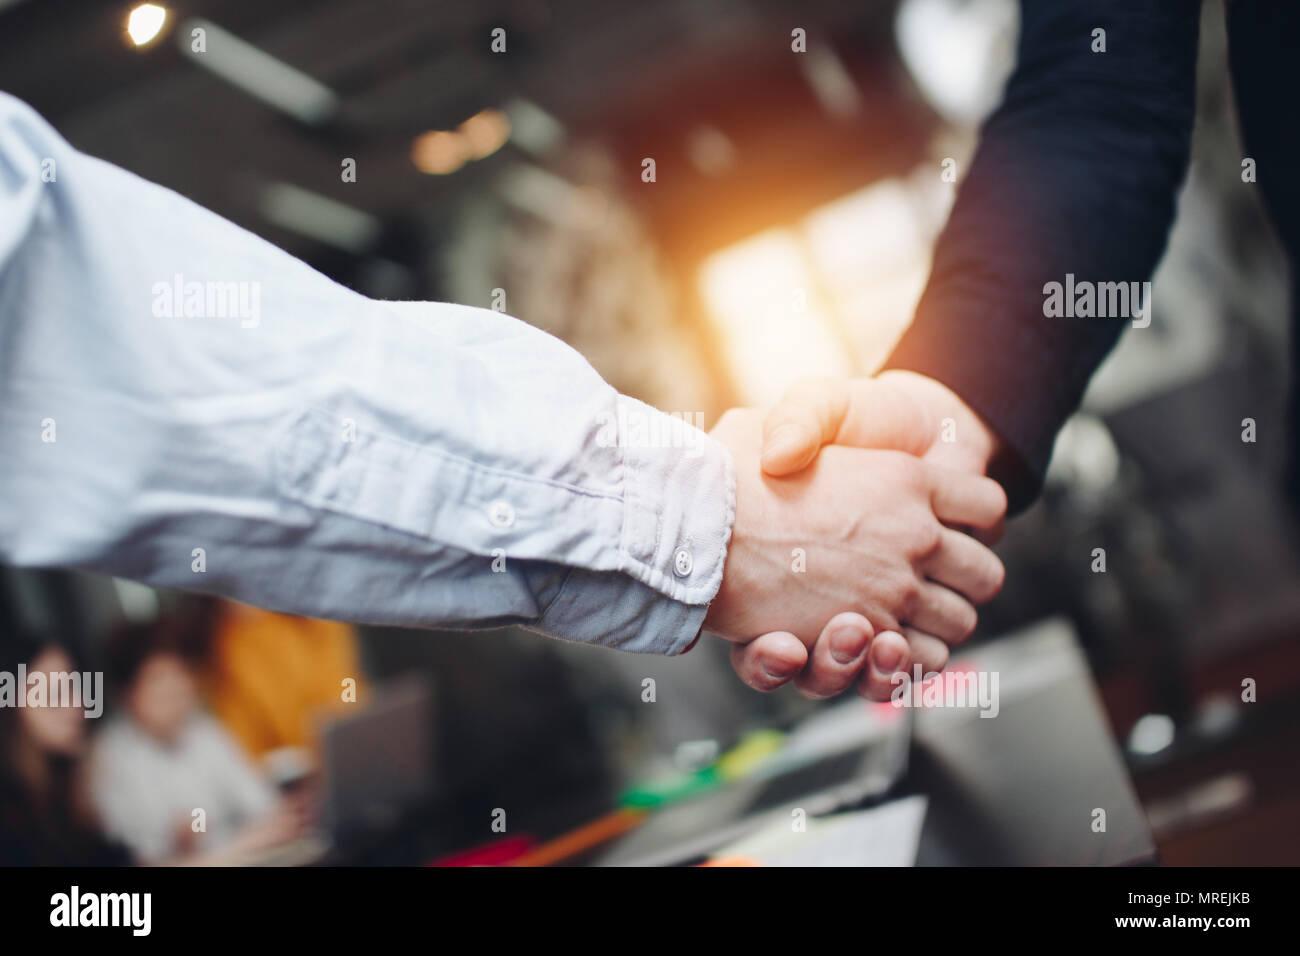 Gruppe von Ingenieuren Hände schütteln Nach dem erfolgreichen Problemlösung. Lens flare Effekt. Stockbild